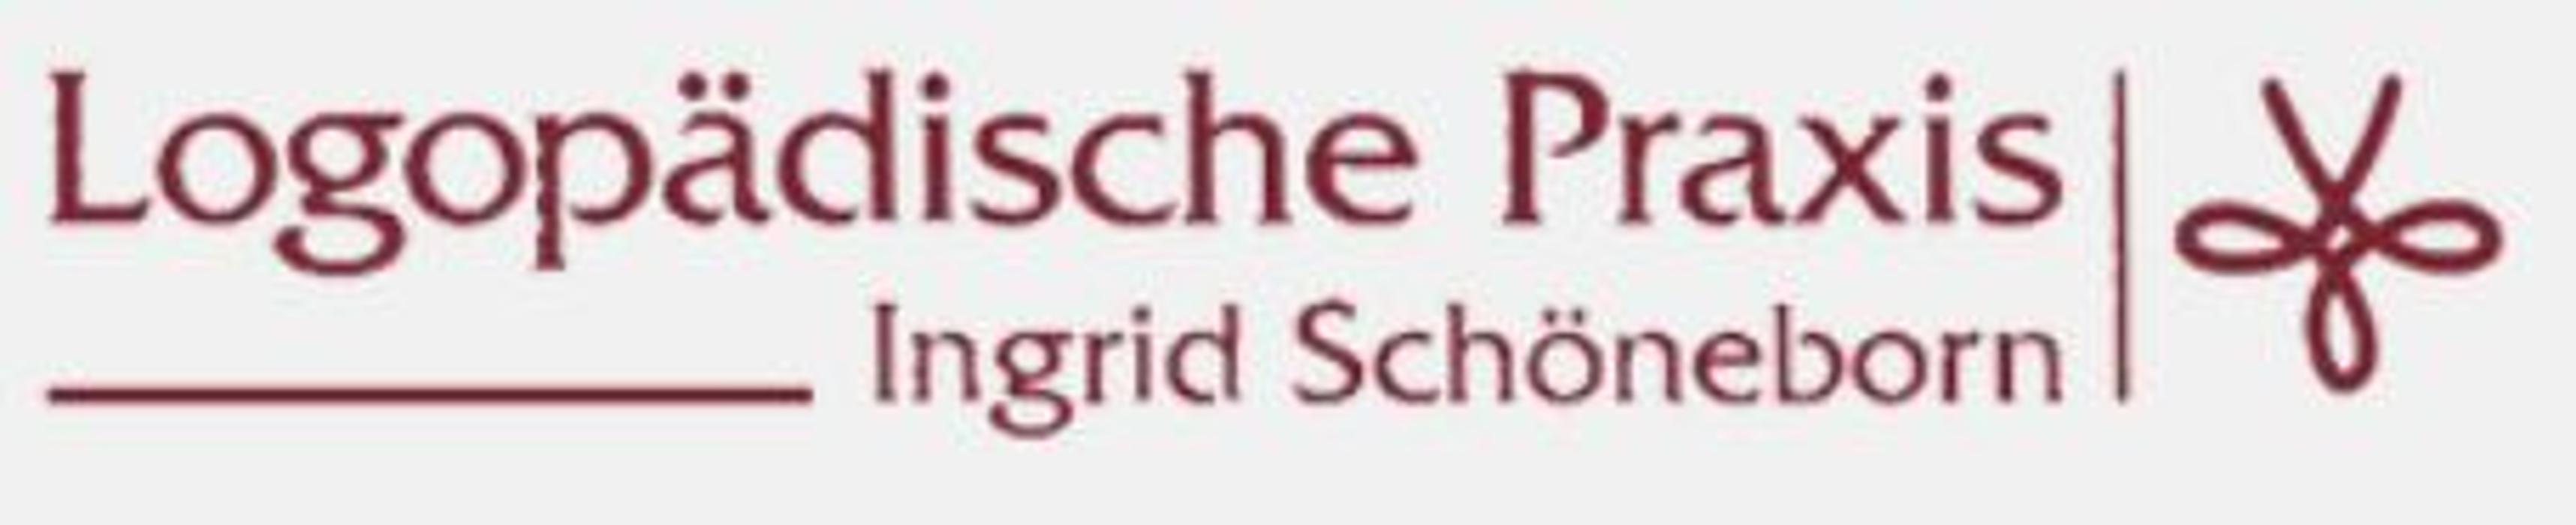 Bild zu Logopädische Praxis Ingrid Schöneborn in Lübeck